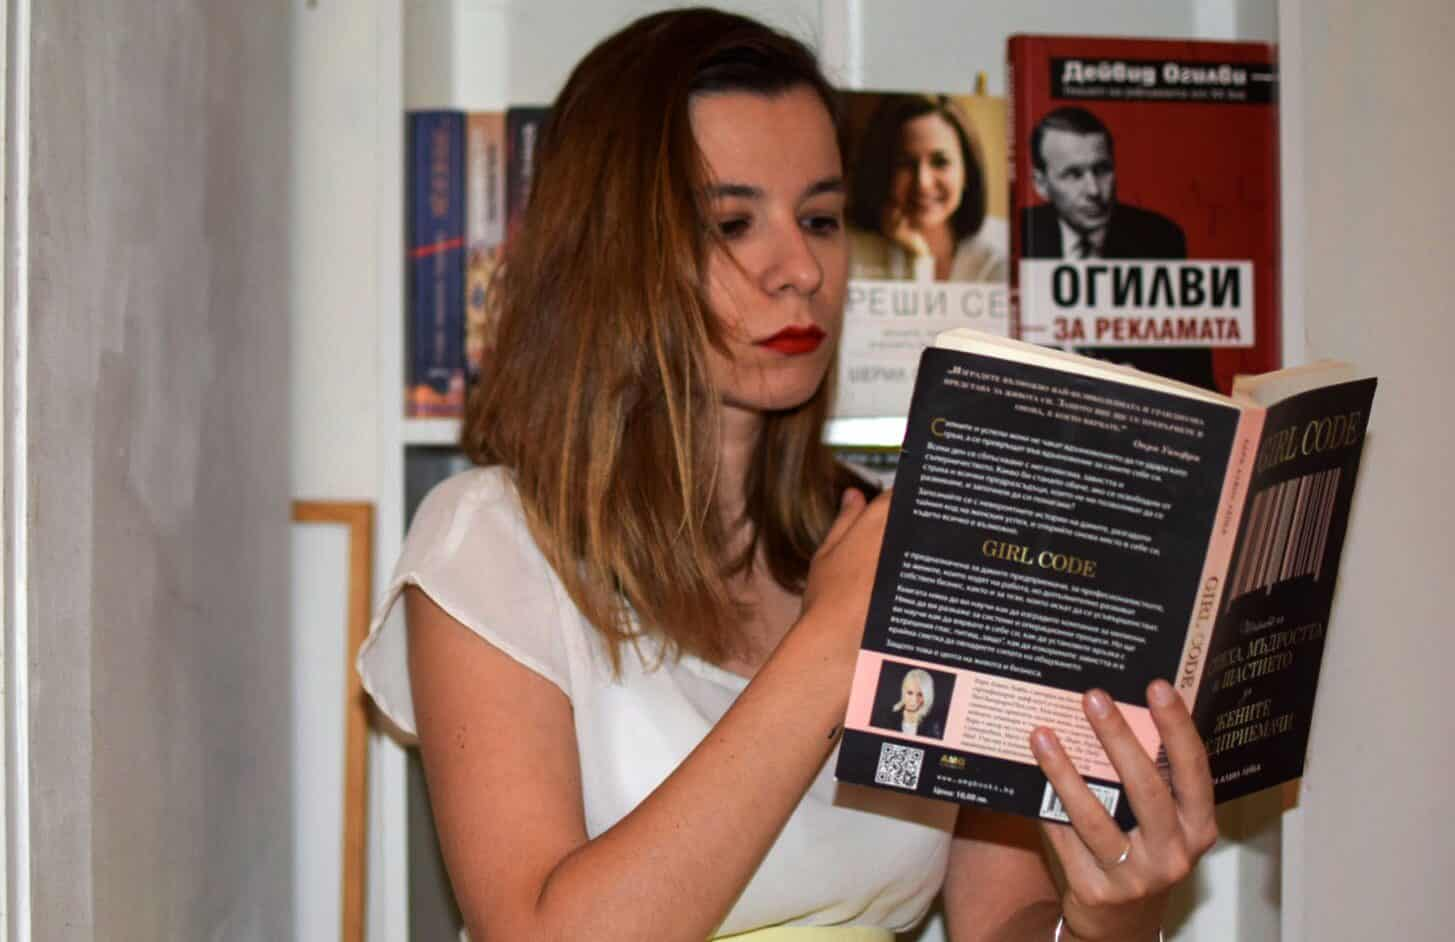 [Интервю]Станислава Симидчийска: една млада майка в бизнеса с медии и копирайтинг